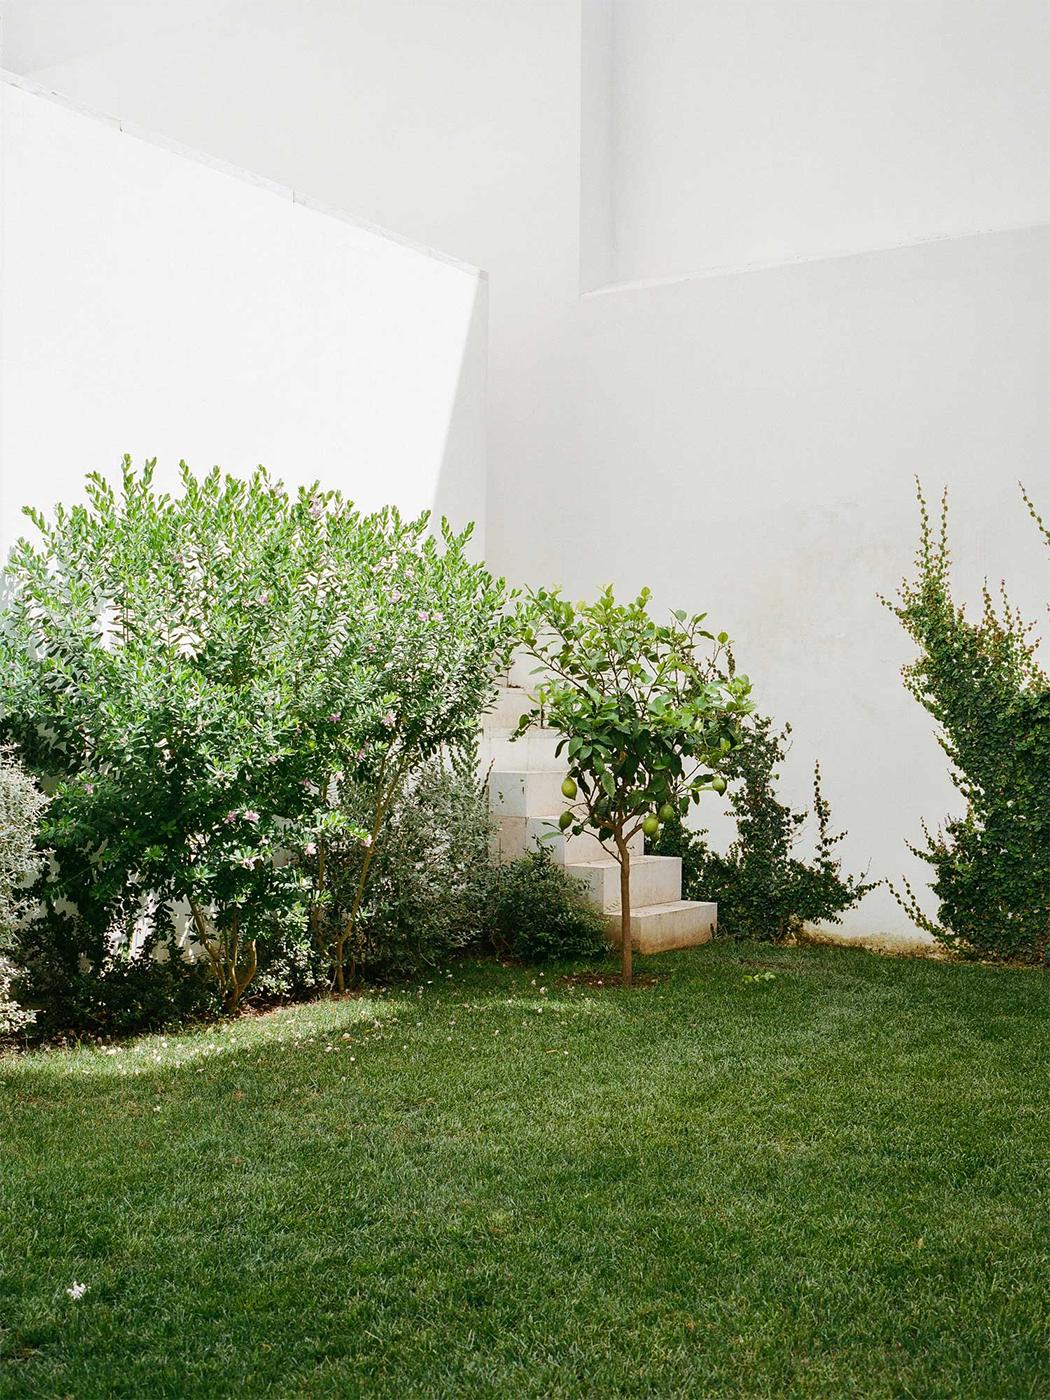 Atelier Cecílio De Sousa in Lisbon, Portugal 5.png